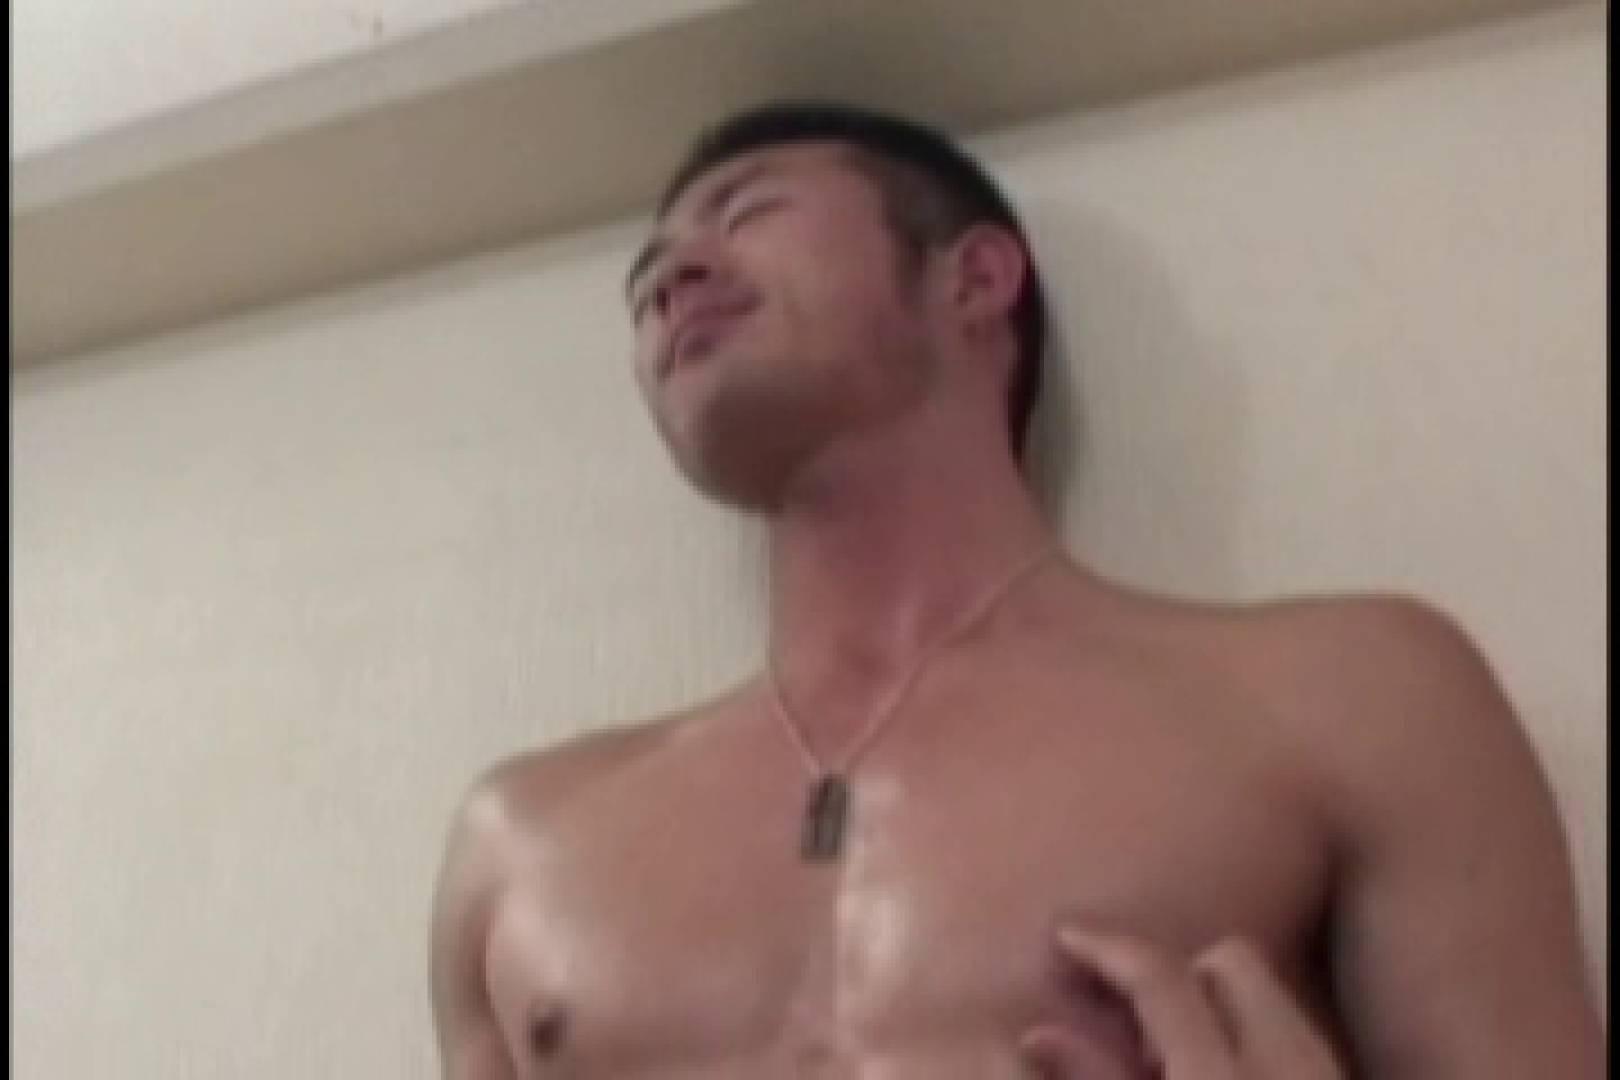 スポメン鍛え上げられた肉体と反り返るモッコリ!!04 肉肉しい男たち ゲイ流出動画キャプチャ 60連発 25